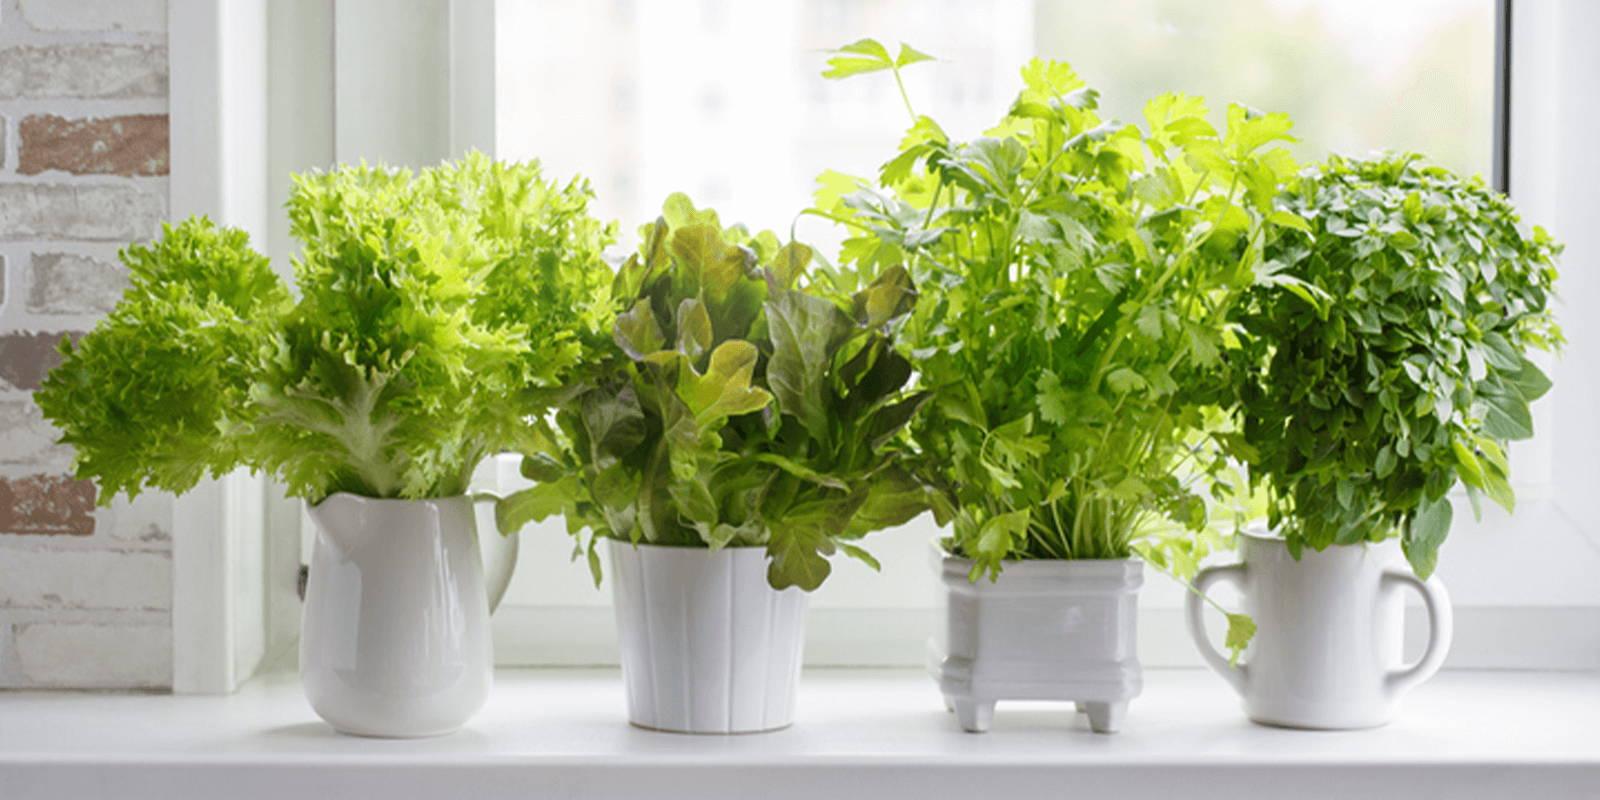 Herbs growing in a windowsill.